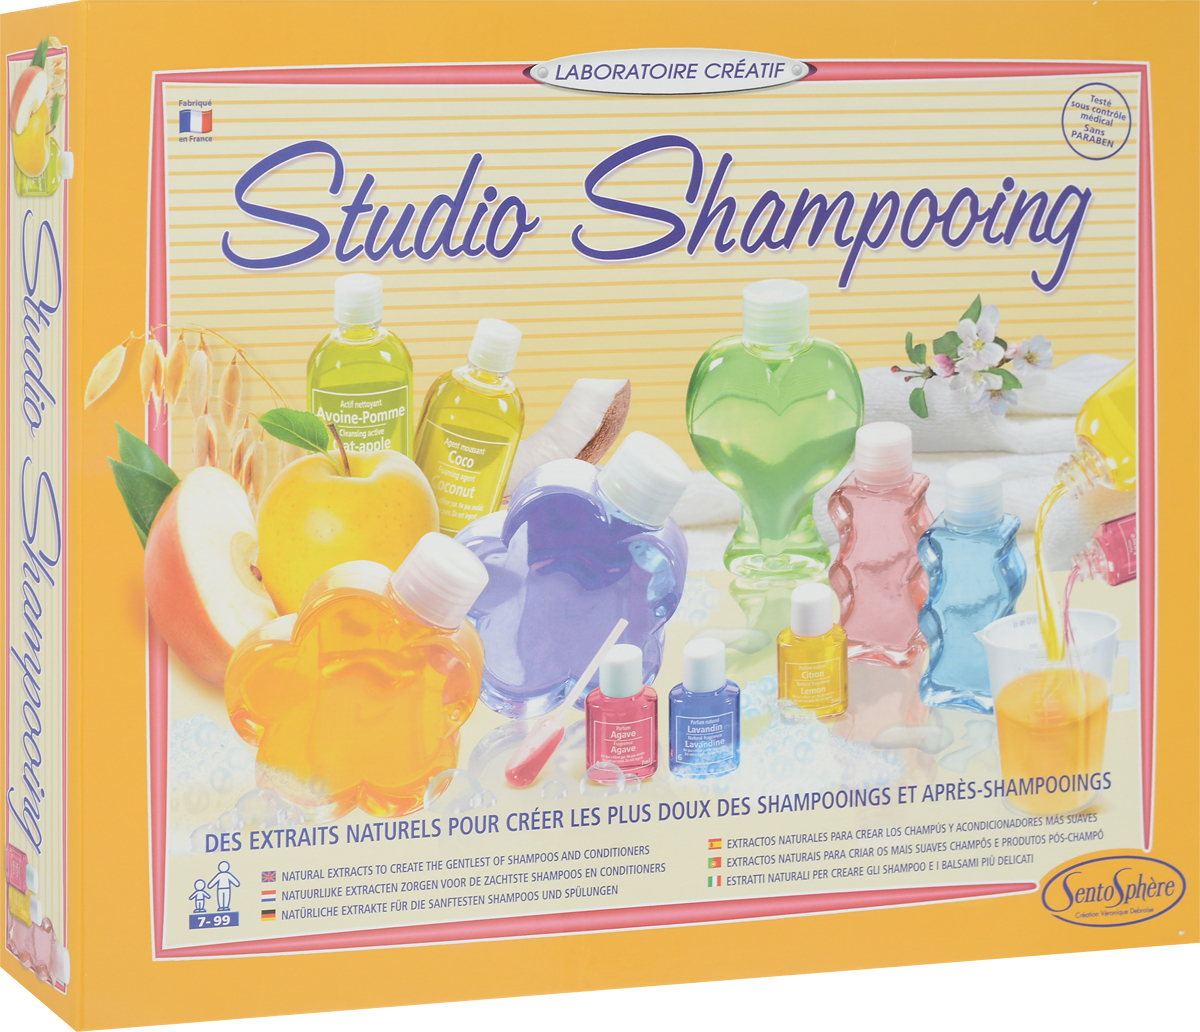 SentoSphere Набор для изготовления косметики Шампо Лаб